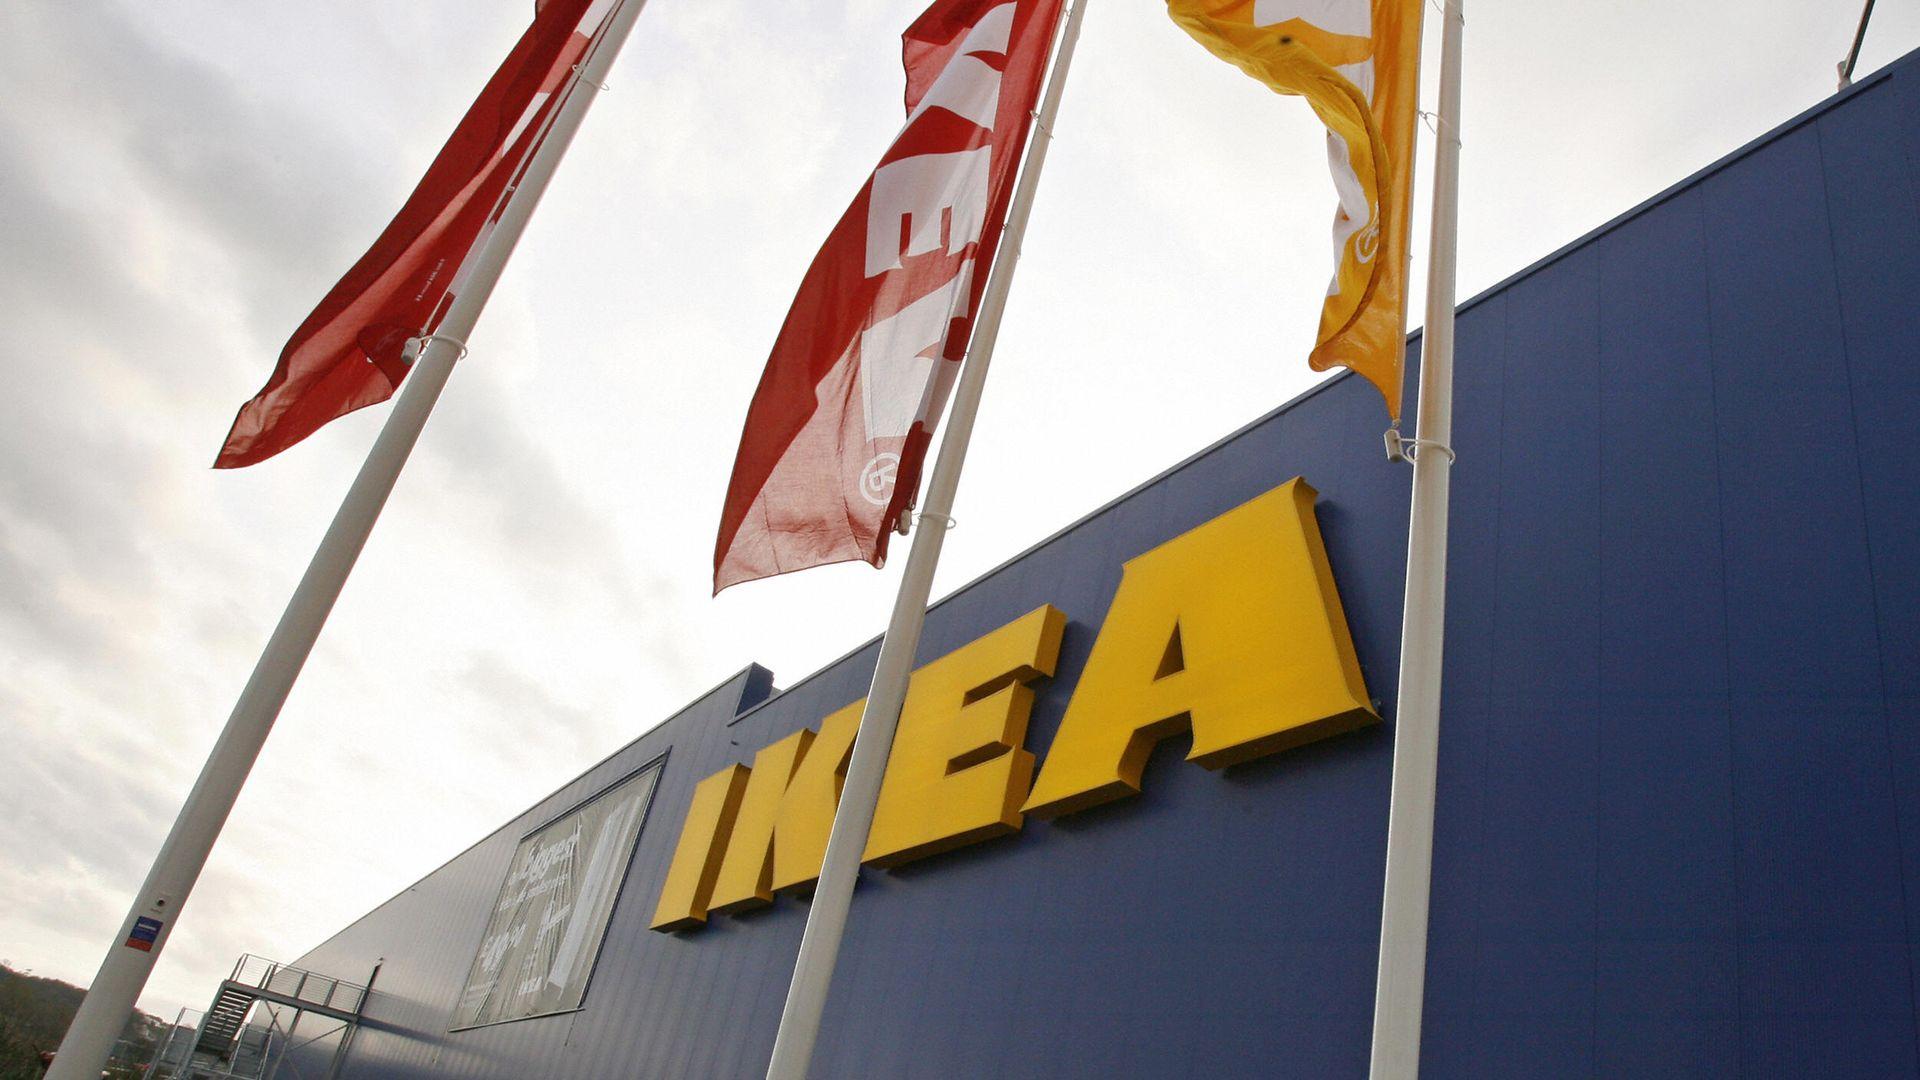 An Ikea logo